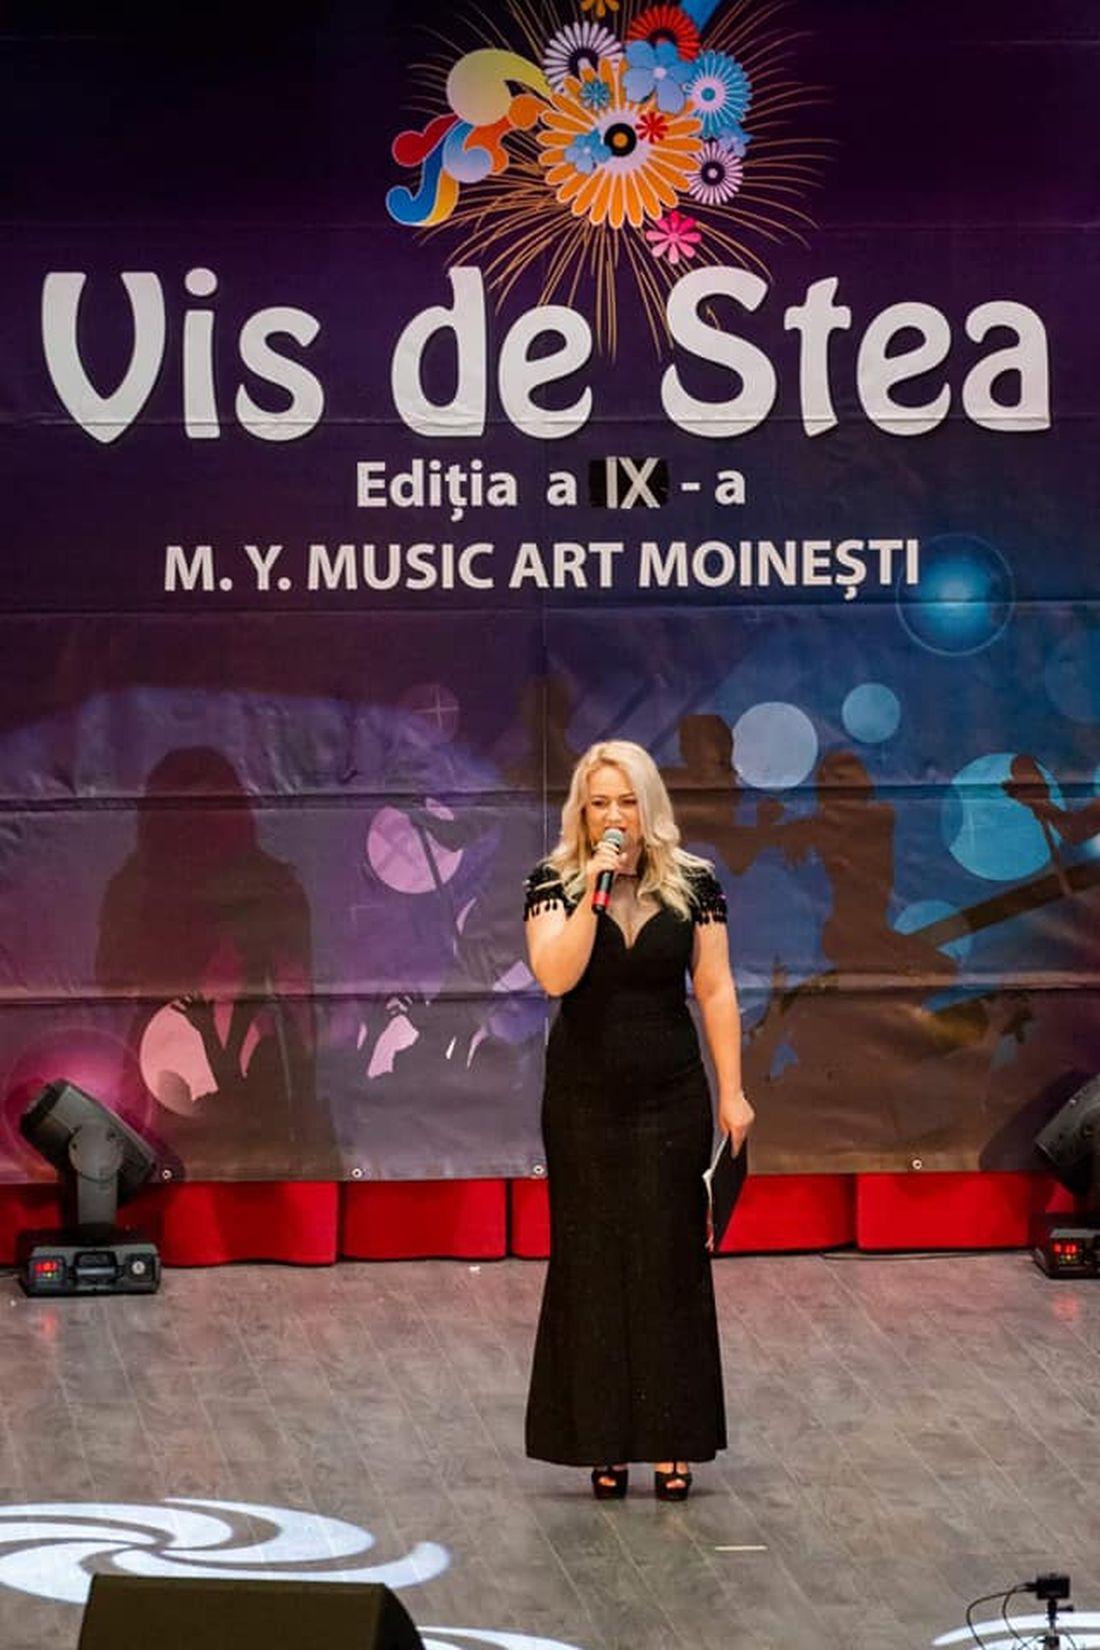 Foto Irina Pashalov - Director Festiv. Vis de Stea 2019.1100 (credit foto Festiv. Vis de Stea)